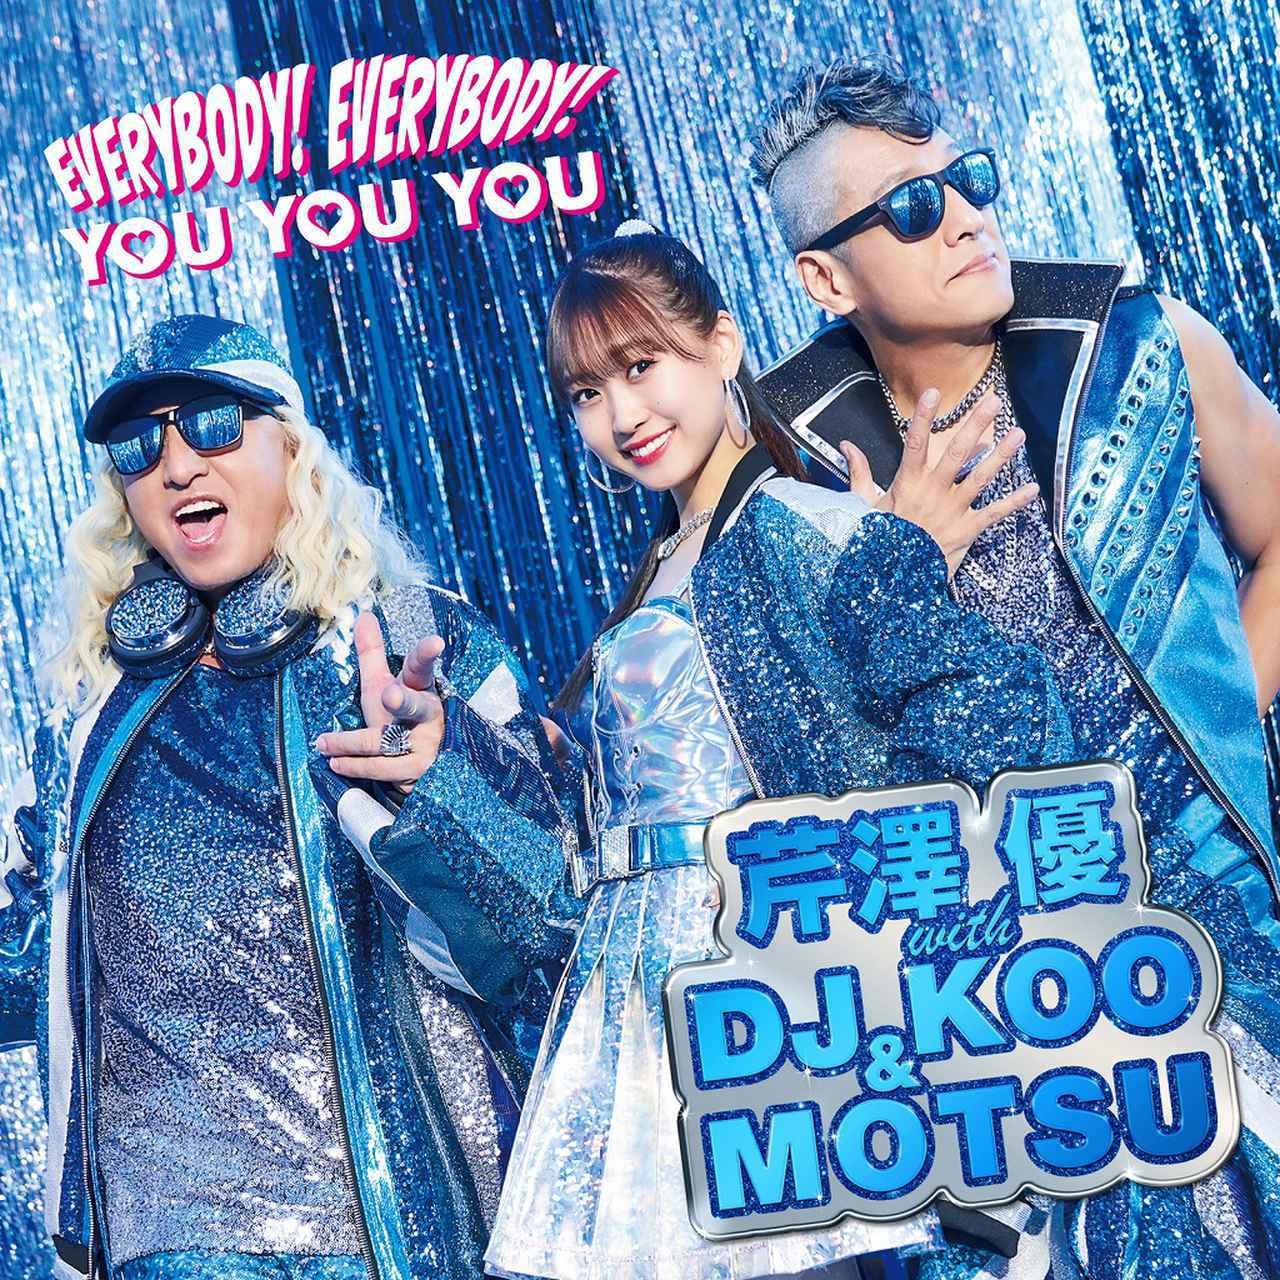 画像: EVERYBODY! EVERYBODY! / YOU YOU YOU (2曲ver.) / 芹澤 優 with DJ KOO & MOTSU